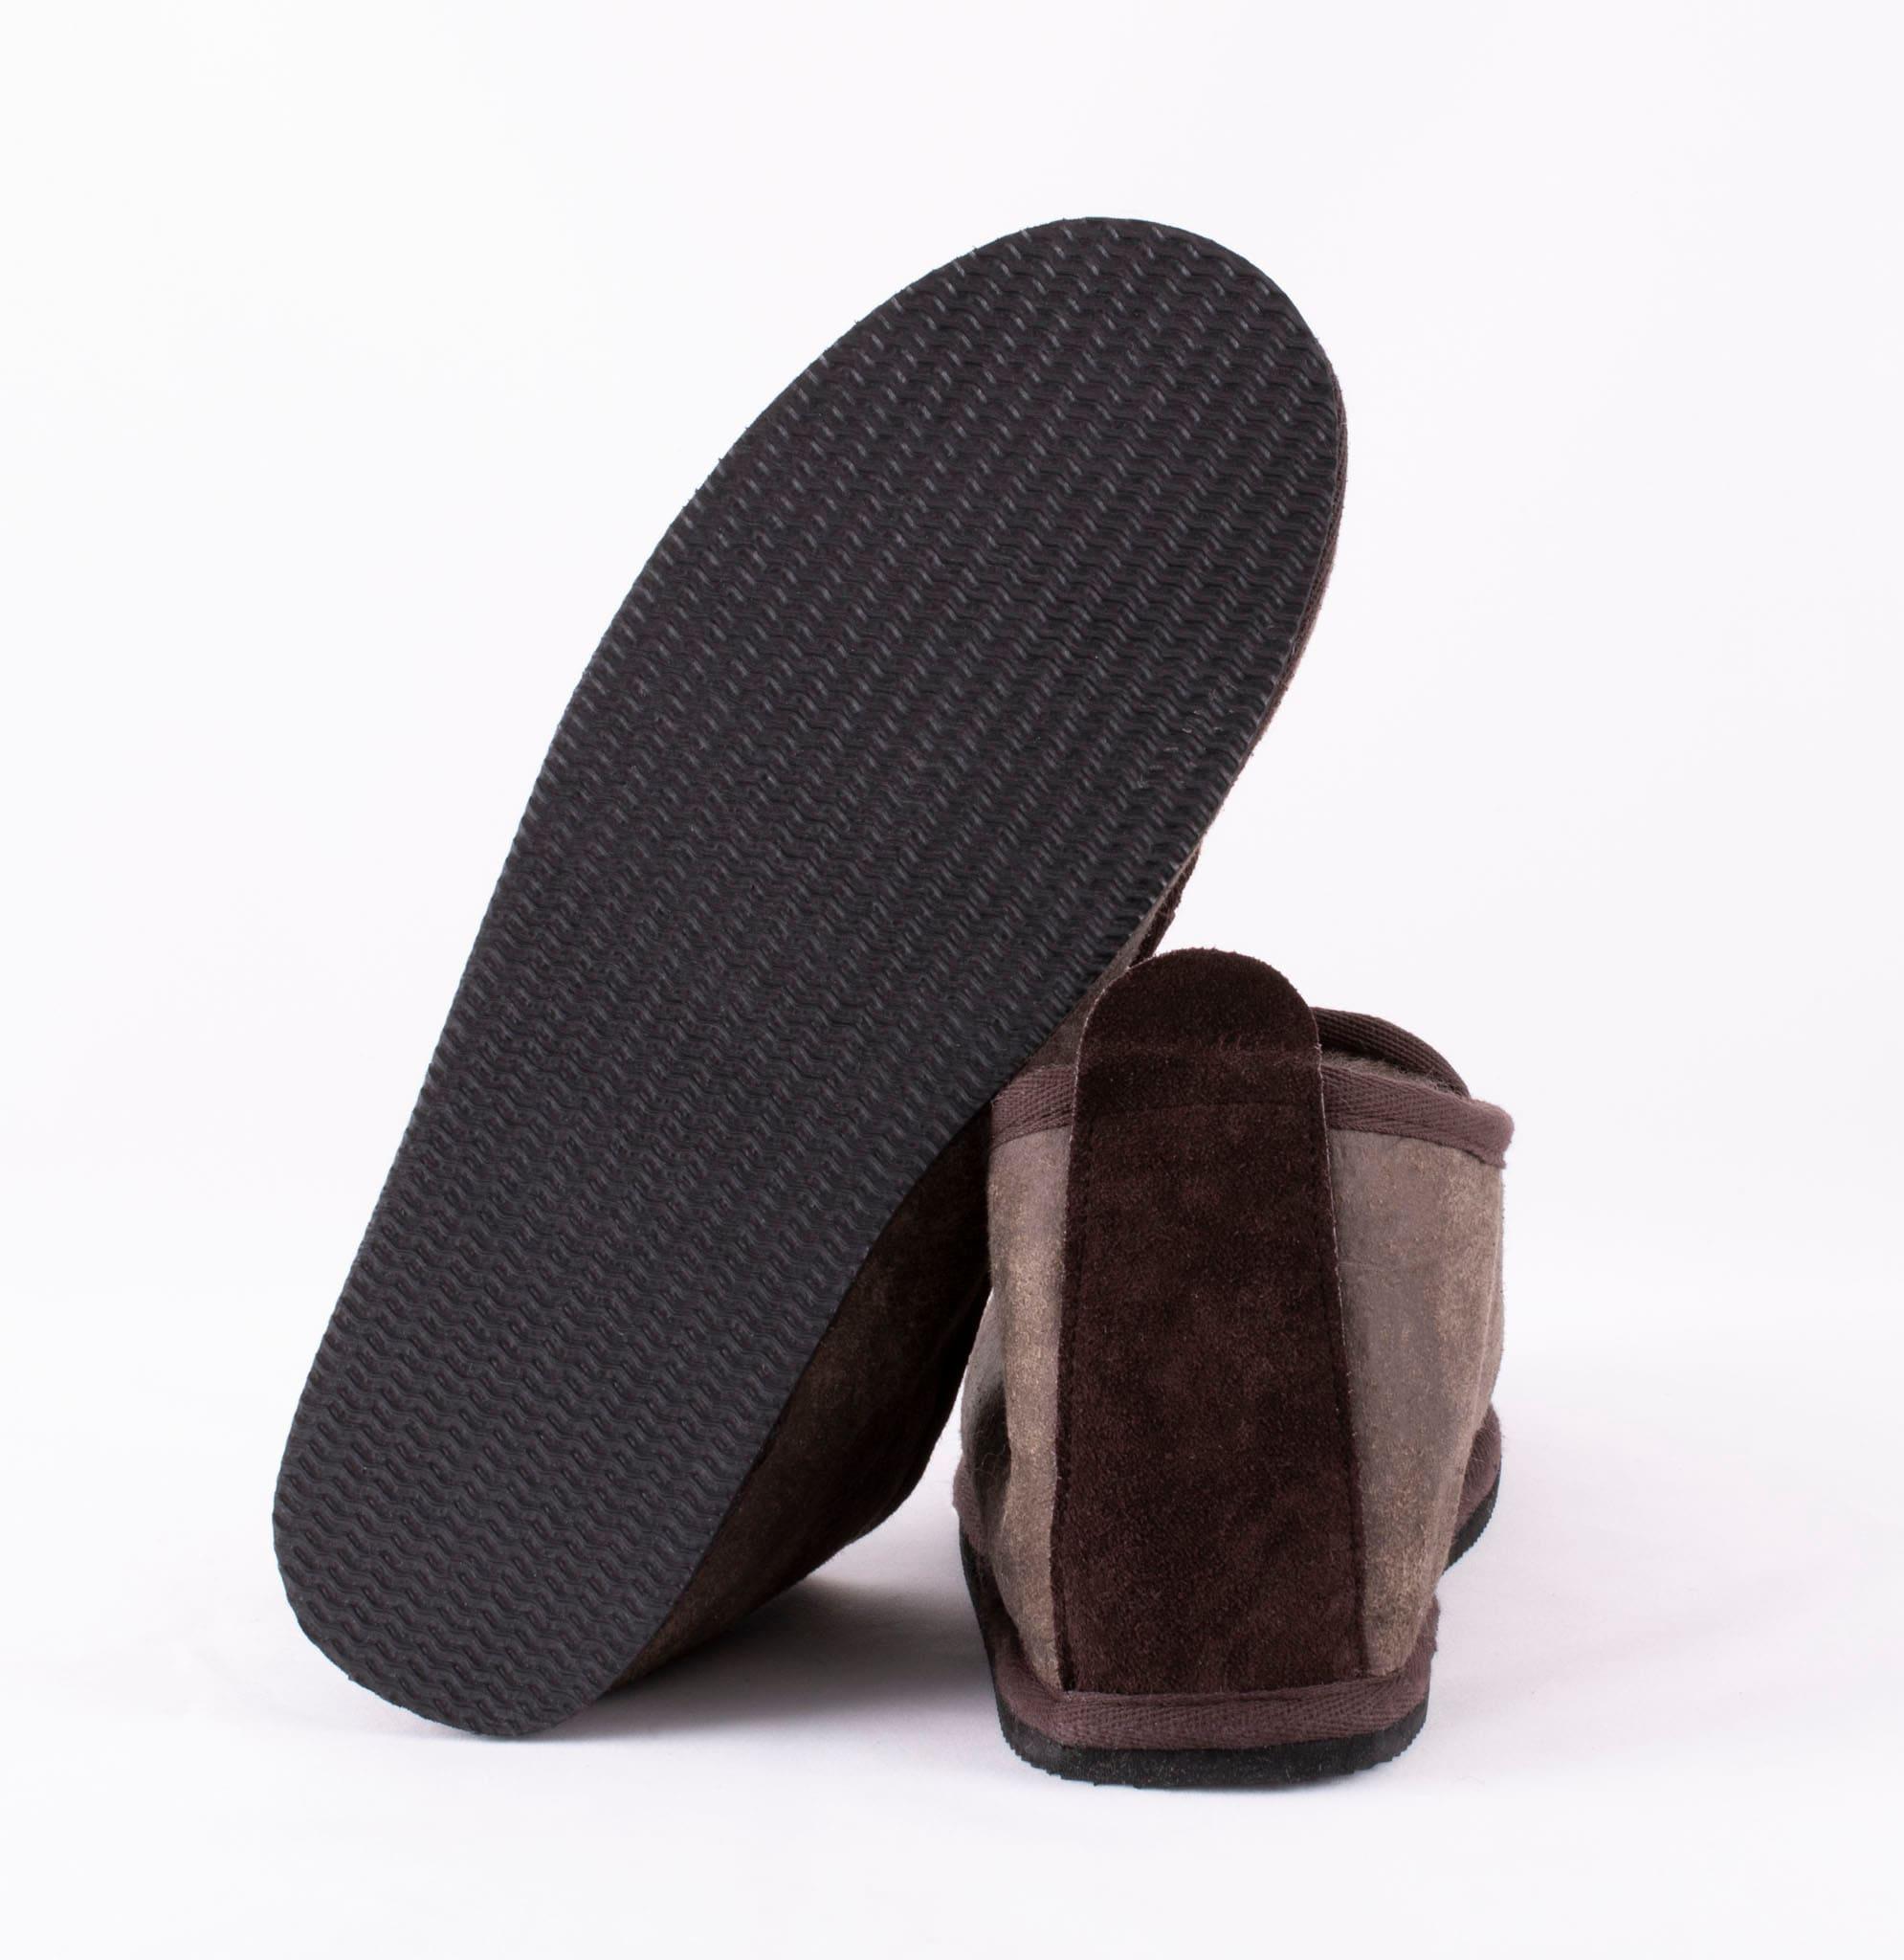 Arne slippers